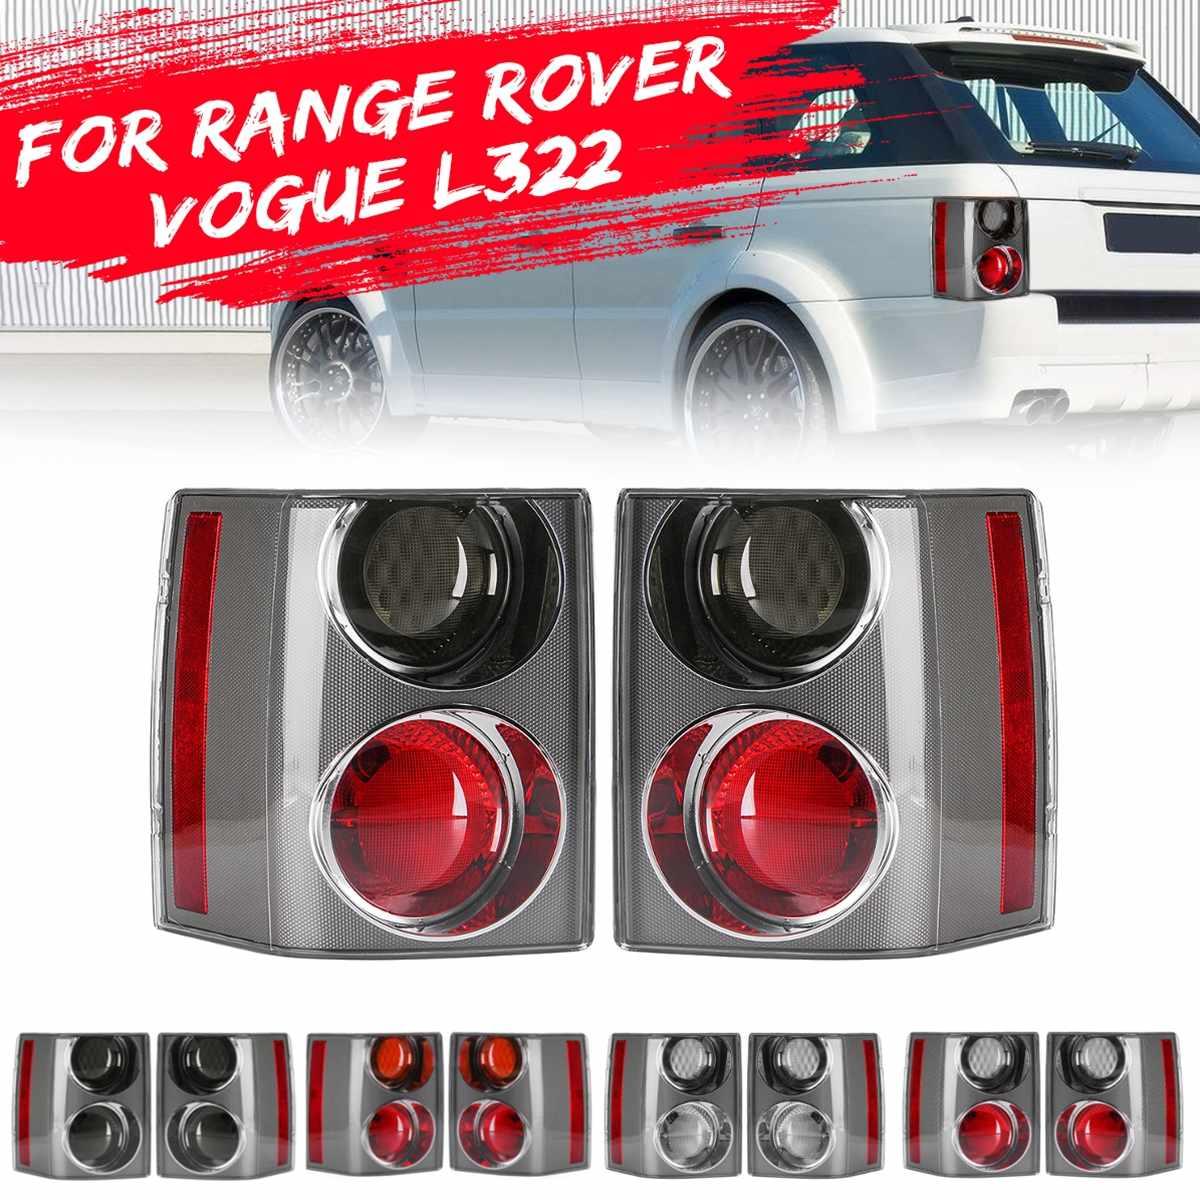 2 шт. для хвостовой части автомобиля светильник для Land Rover RANGE ROVER/VOGUE L322 2002 2003 2004 2005 2006 2007 2008 2009 хвост светильник задней противотуманной фары Дневные ходовые огни